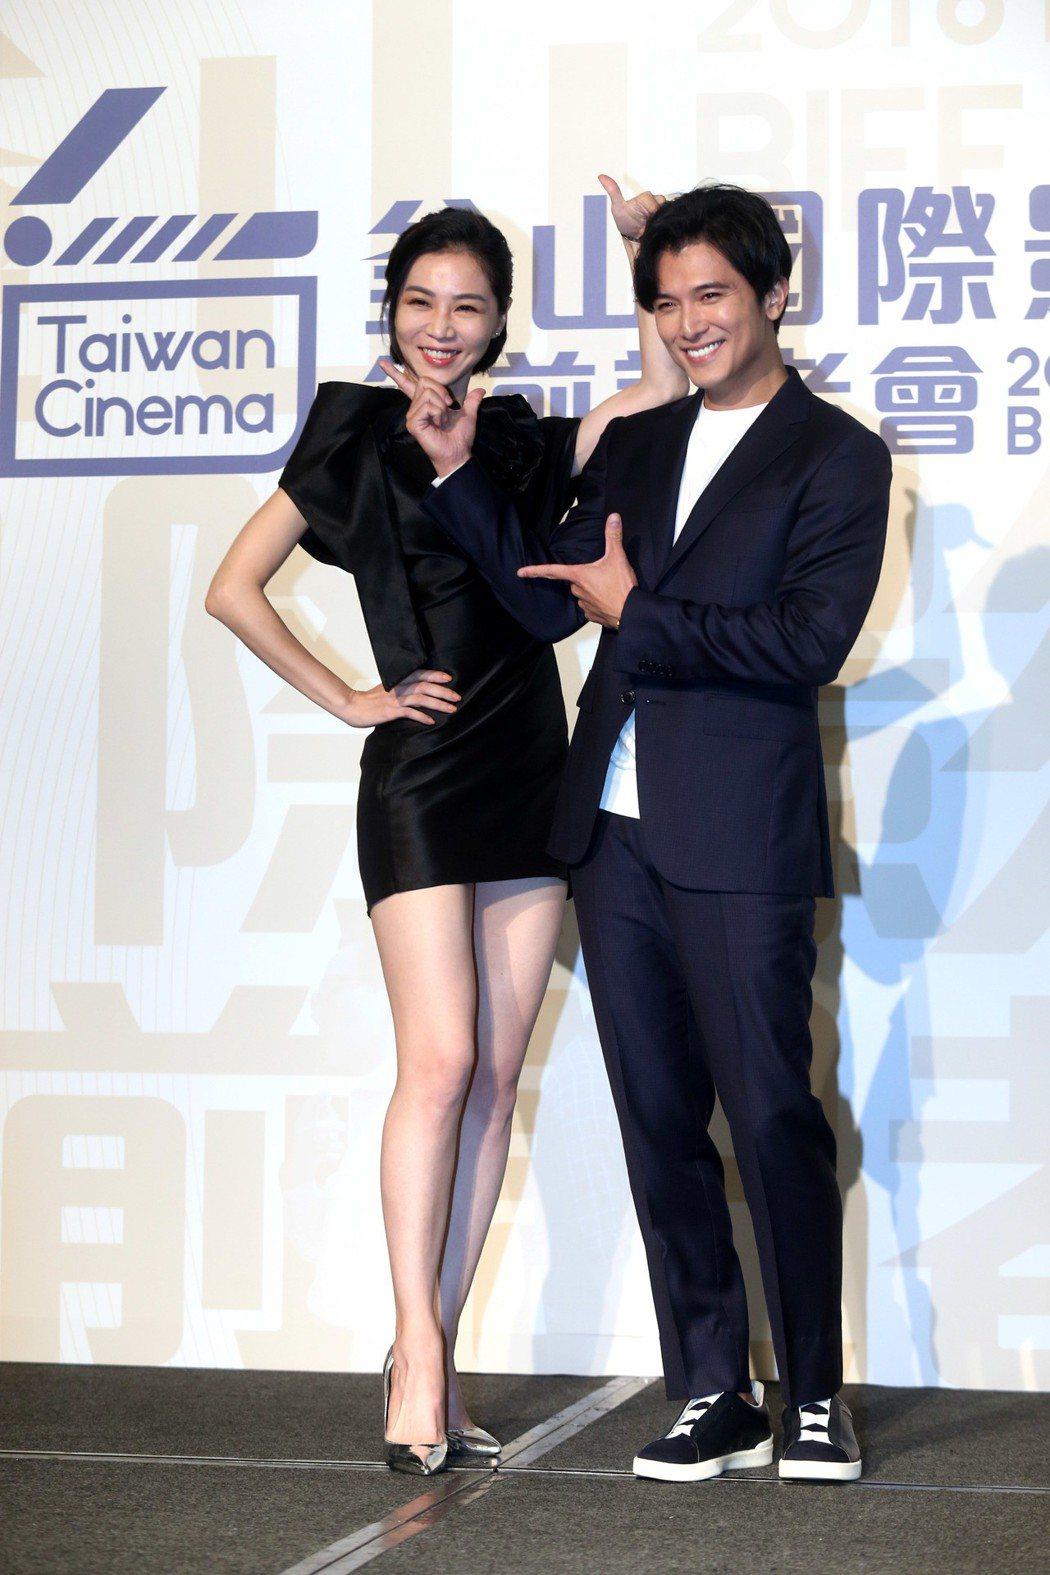 韓國釜山影展行前記者會,獲選觀摩的電影「誰先愛上他的」演員邱澤(右)、謝盈萱(左